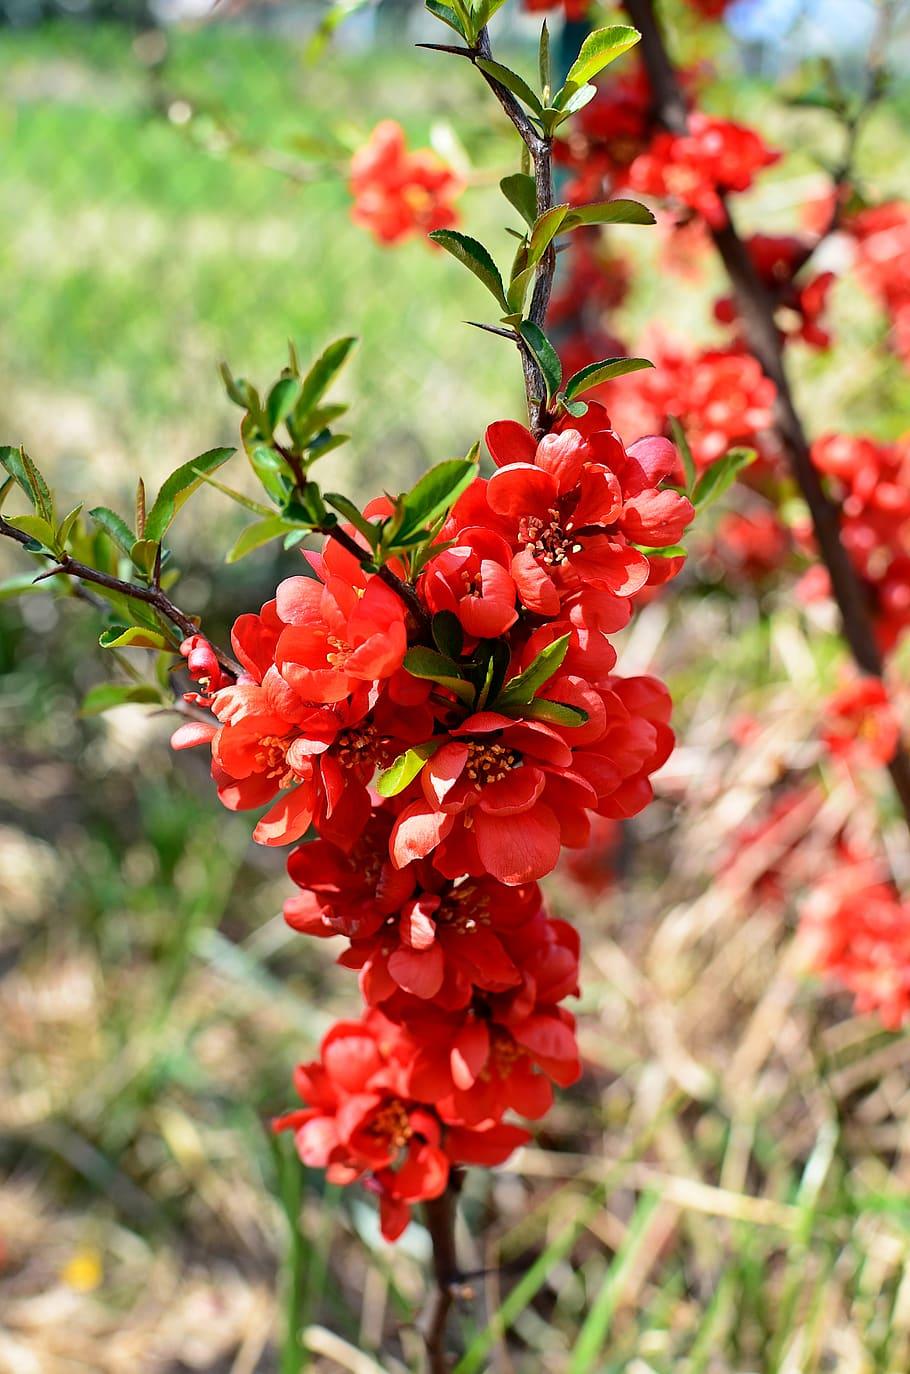 Hình ảnh hoa mai đỏ thắm